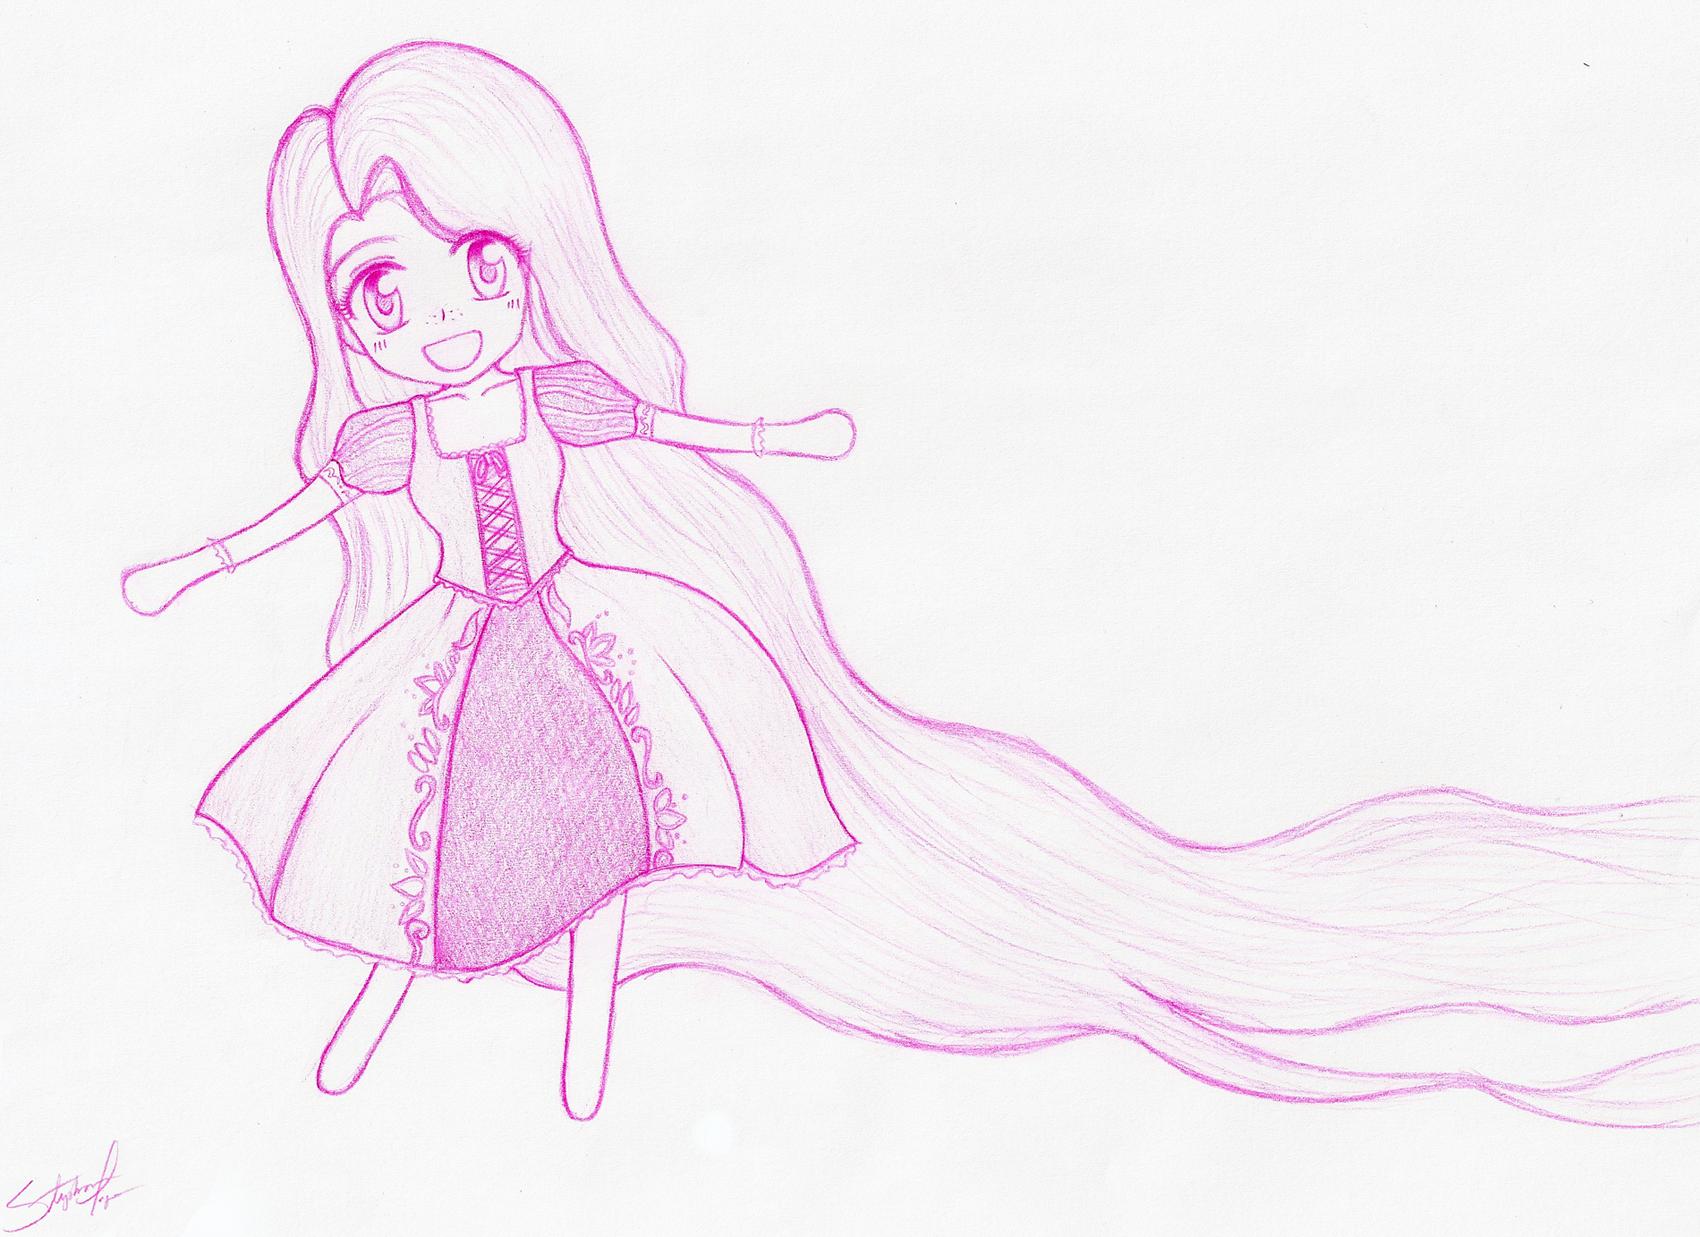 Chibi Rapunzel sketch by BklynSharkExpert